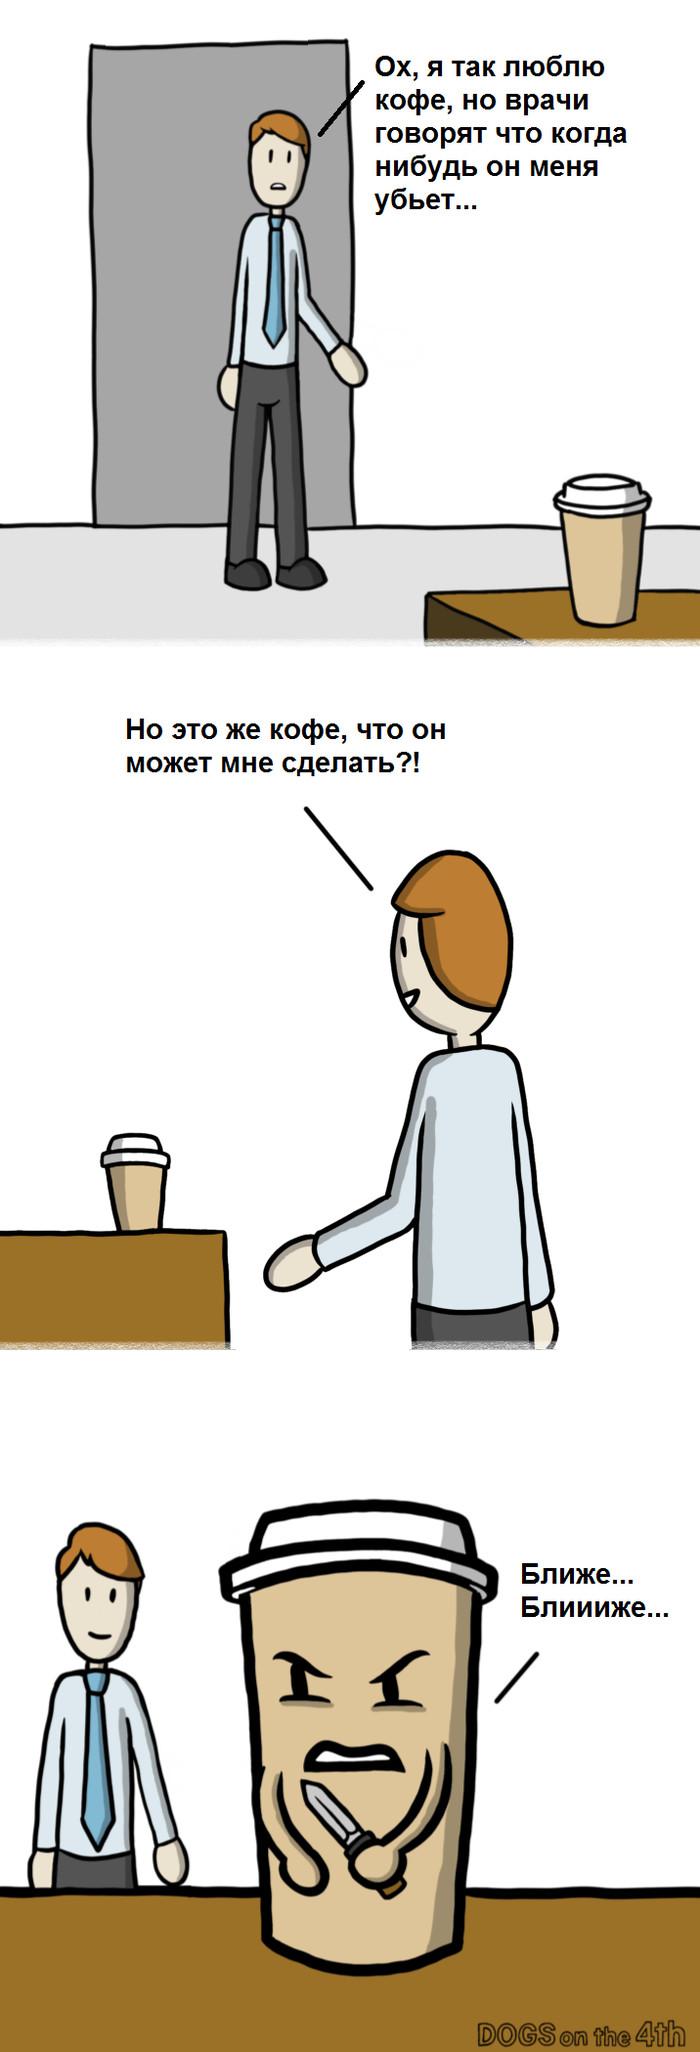 Это же кофе. Кофе, Убийца, Комиксы, Длиннопост